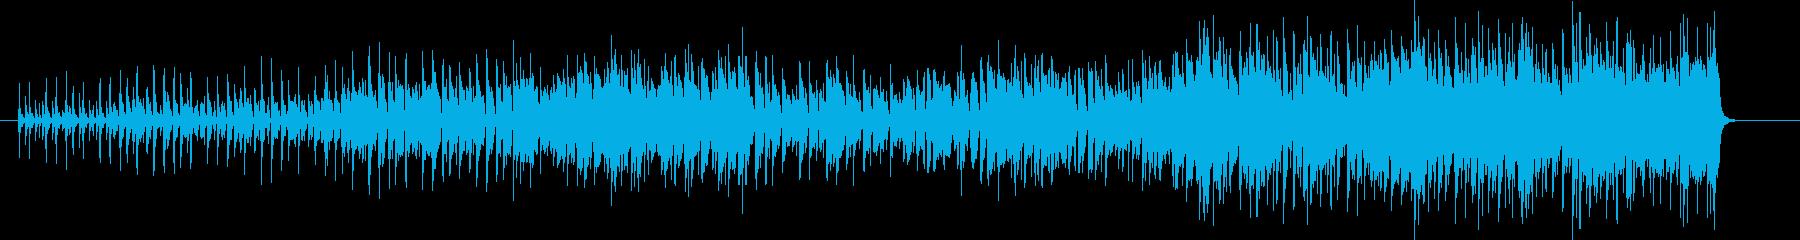 ハバネラ~グルーブ感のあるアレンジでの再生済みの波形